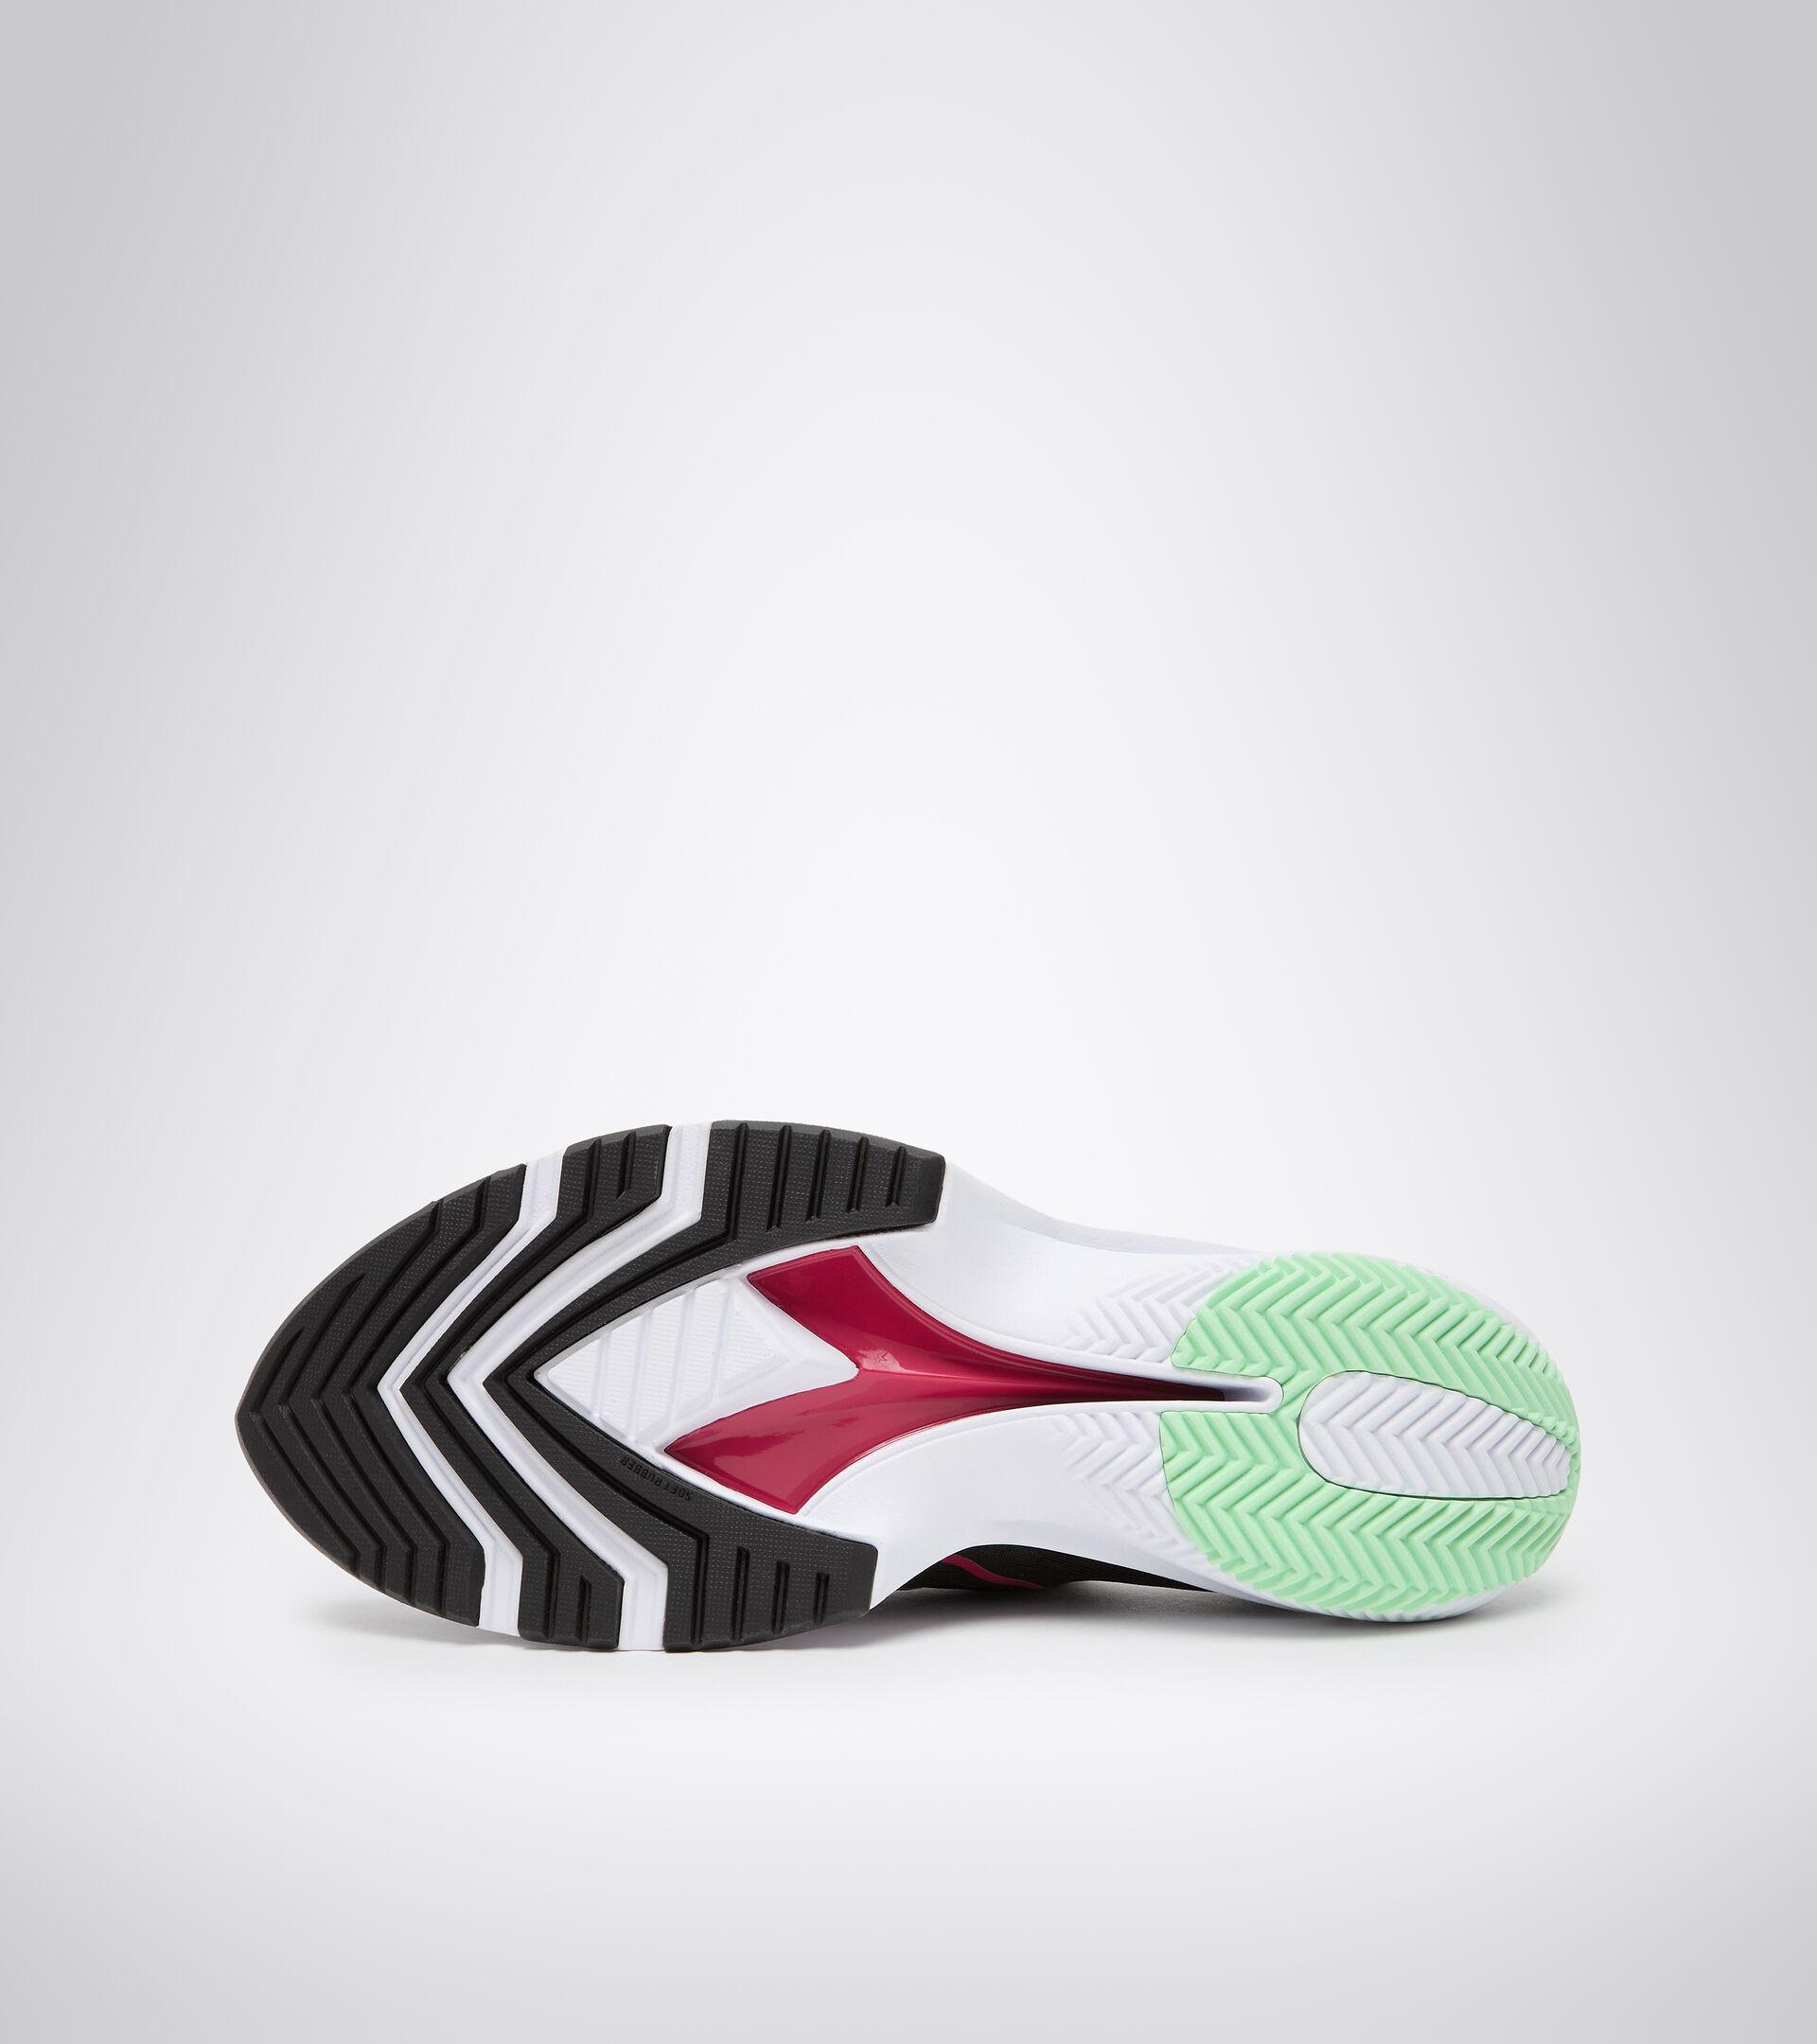 Footwear Sport DONNA EQUIPE CORSA W BLACK/JAZZY/WHITE Diadora